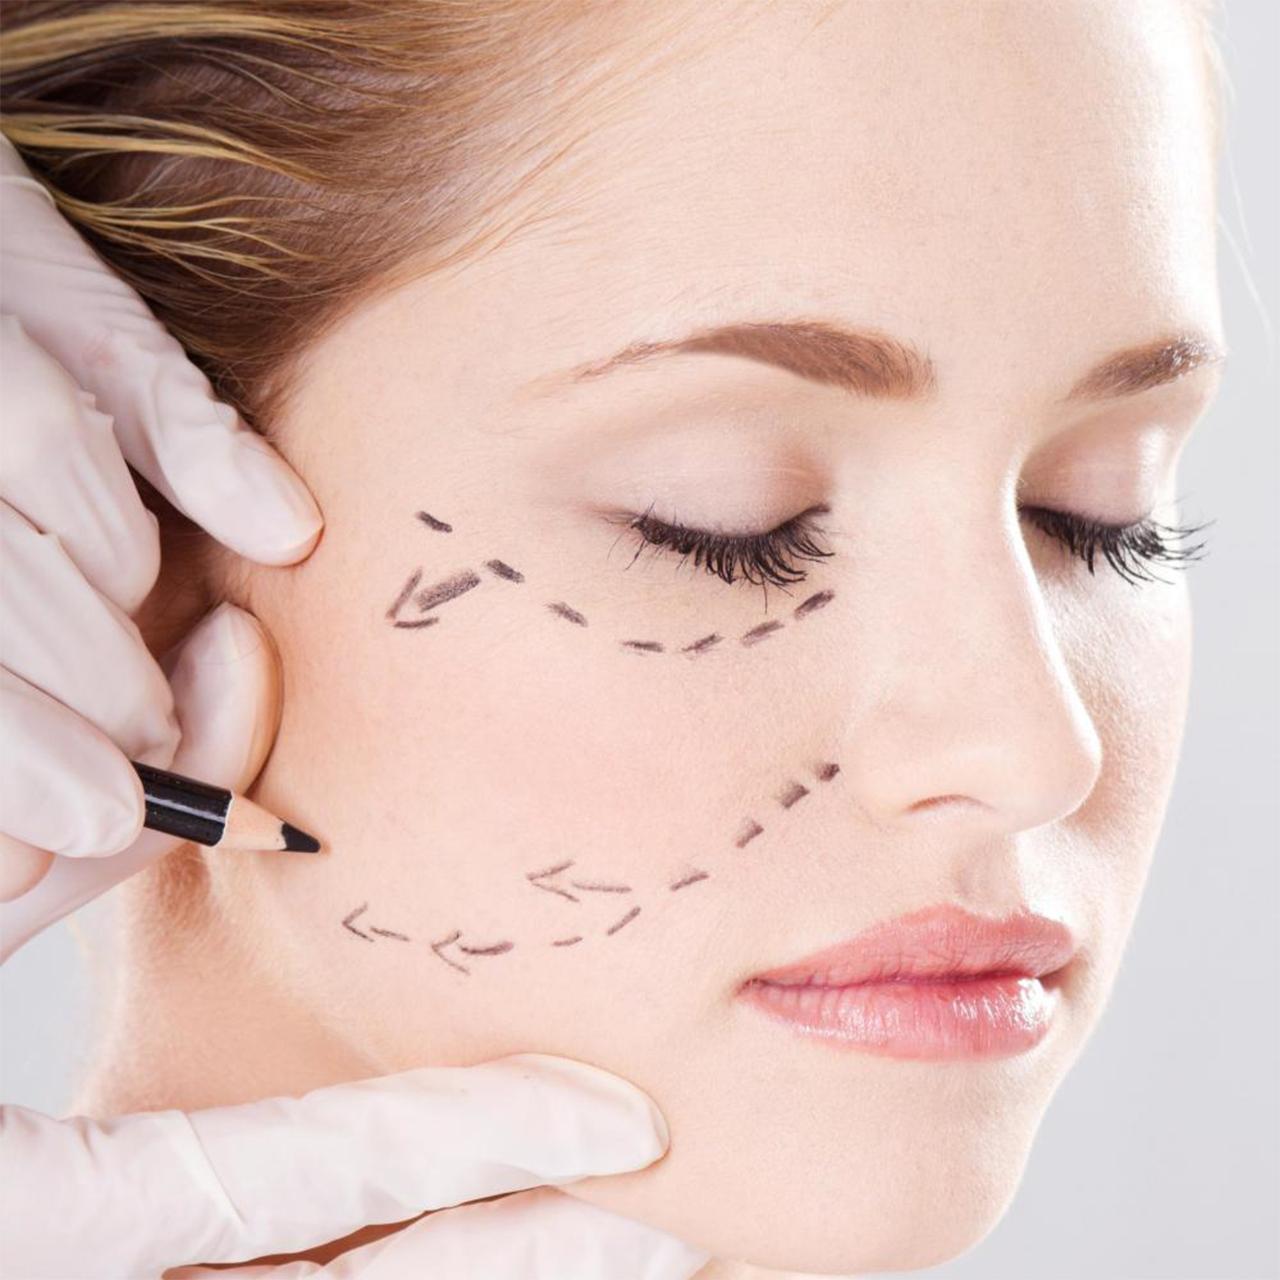 cirurgiaplastica1